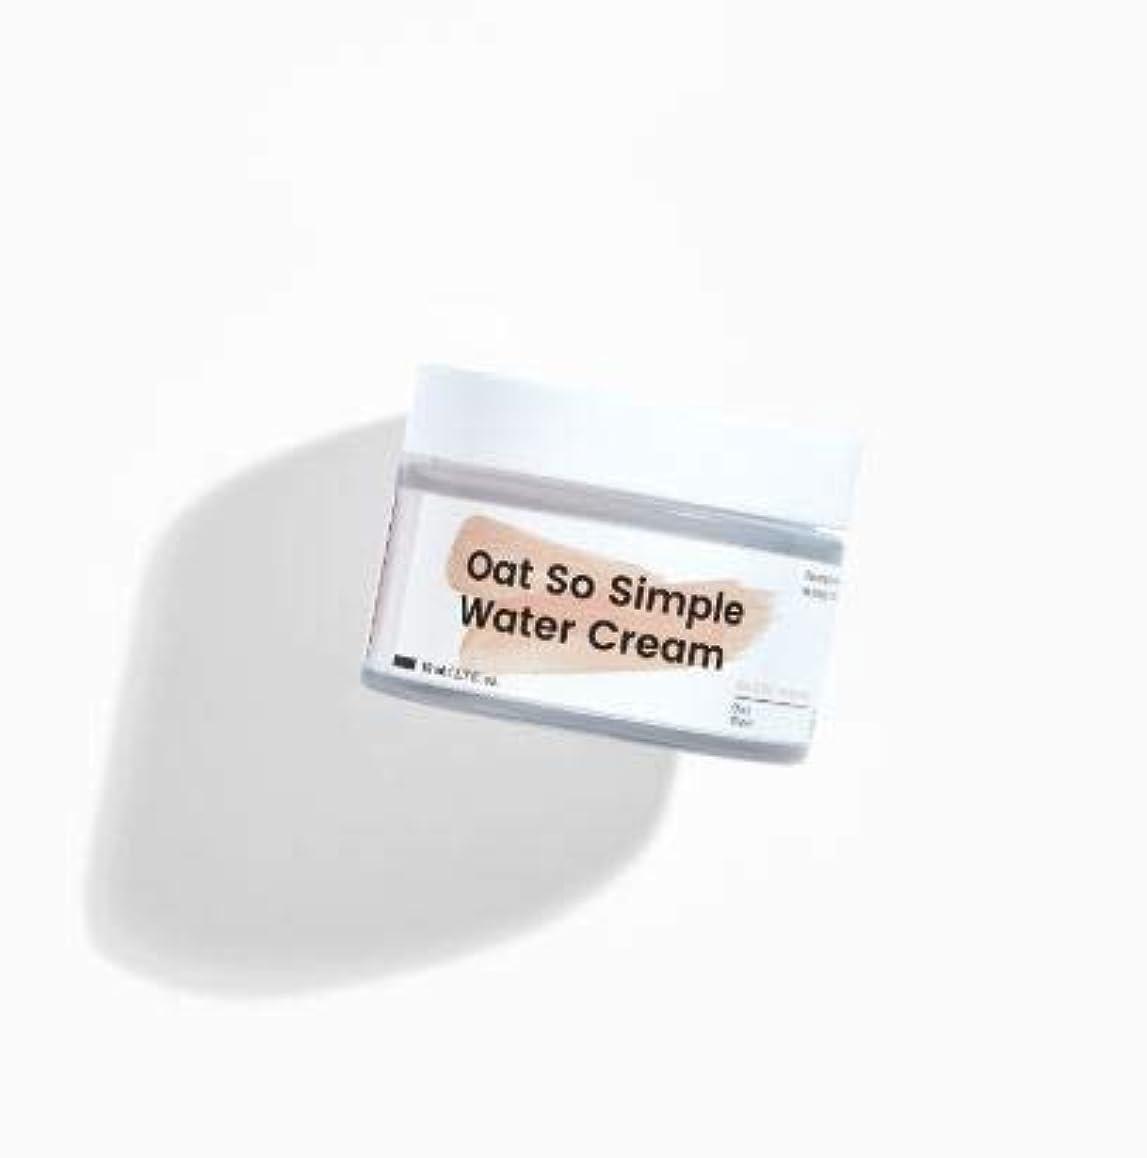 かび臭い荒野に対応する[Krave] Oat So Simple Water Cream 80ml [並行輸入品]